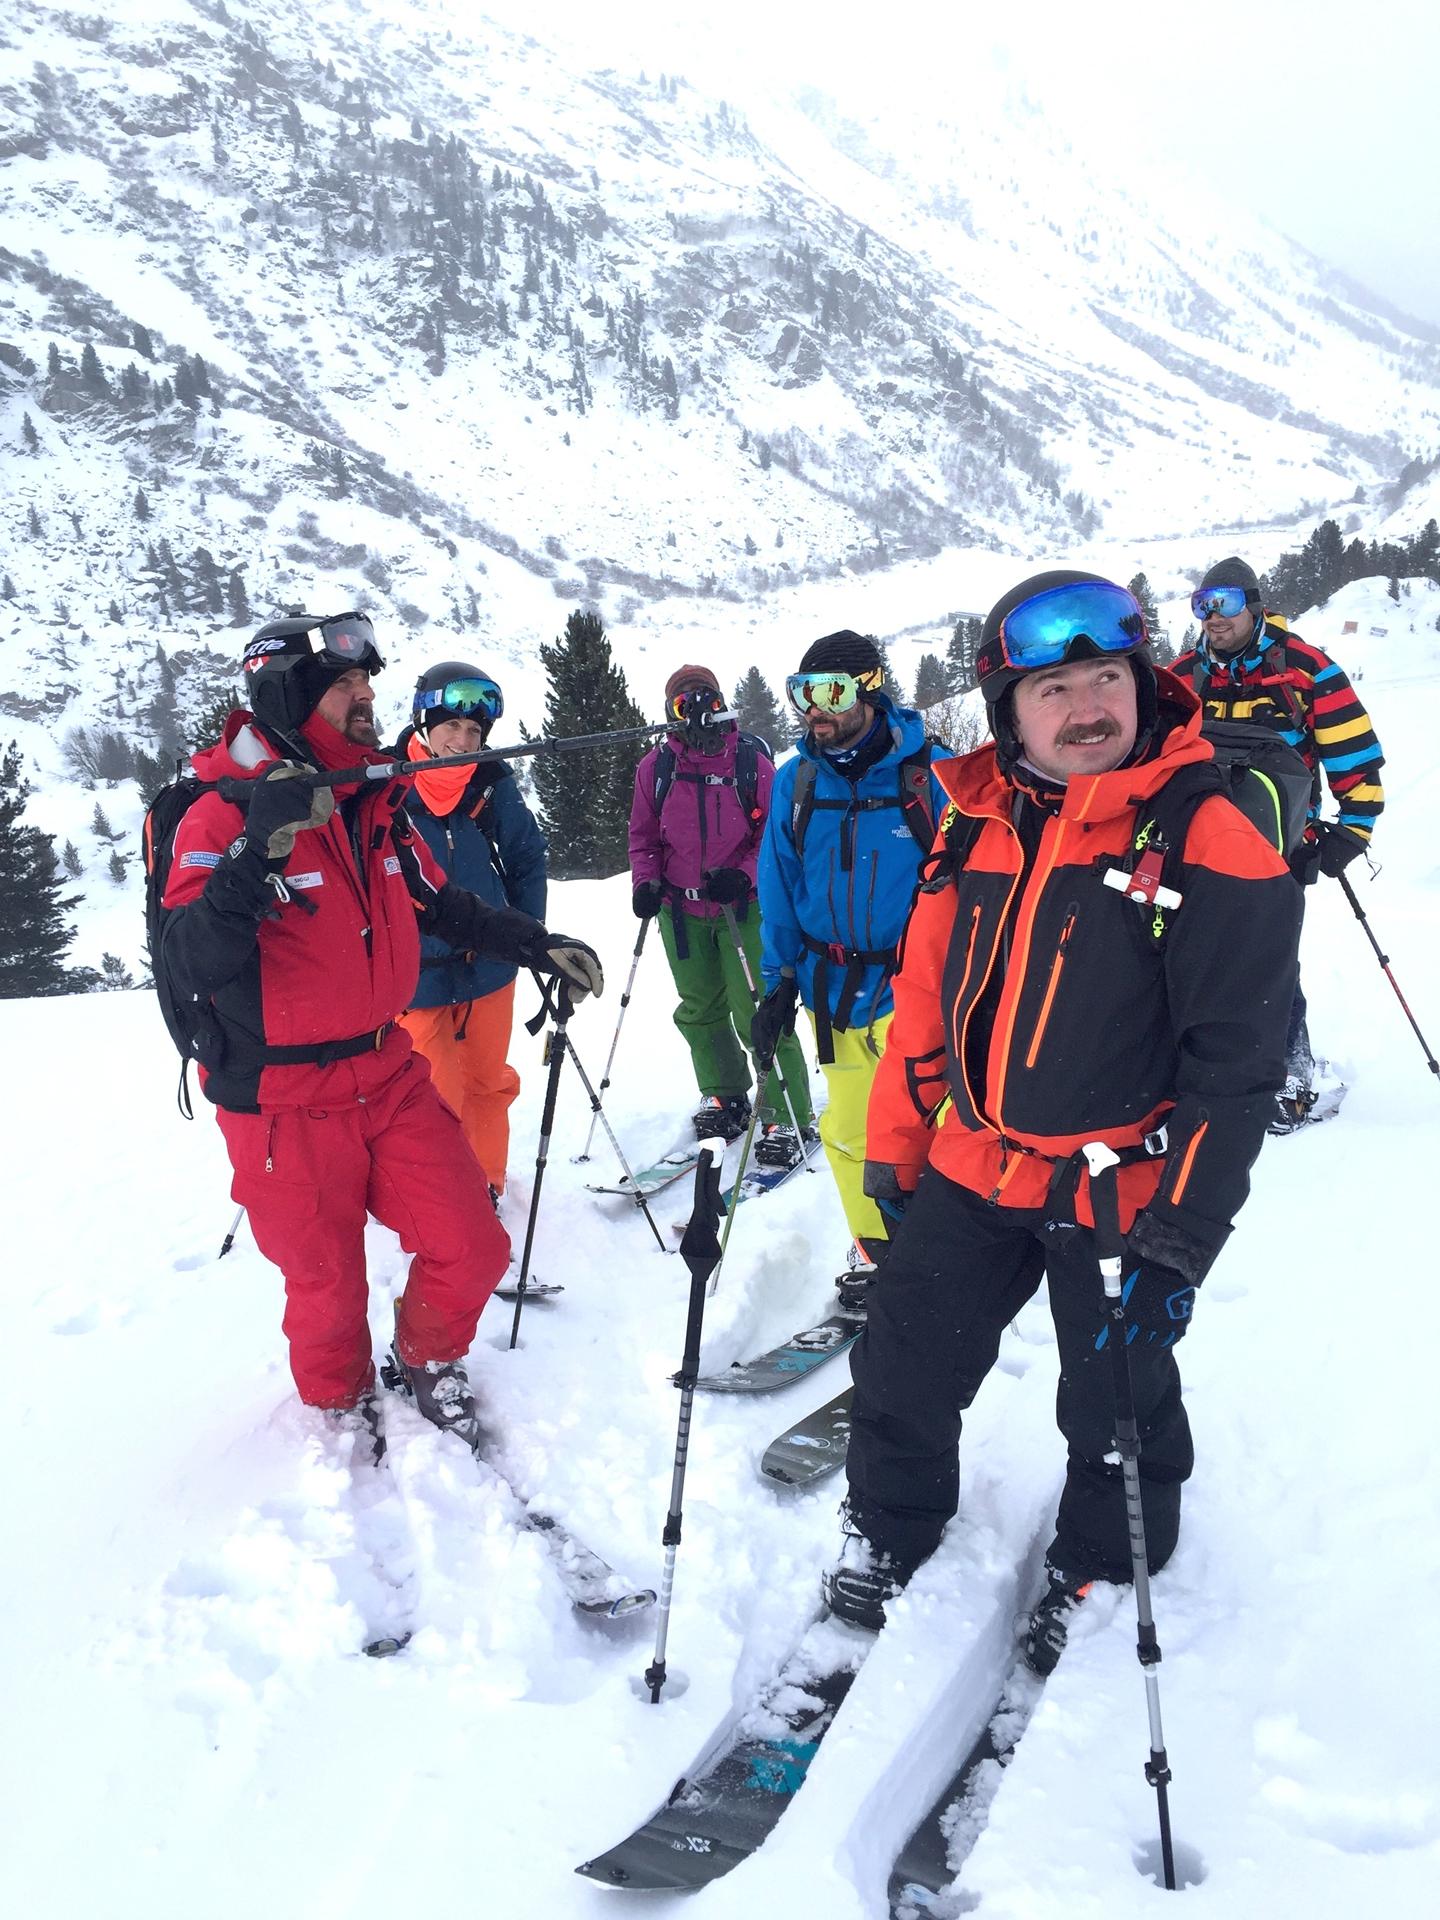 Der Bergführer von der Skischule Obergurgl Ötztal führte die Teilnehmer sicher durchs Gelände